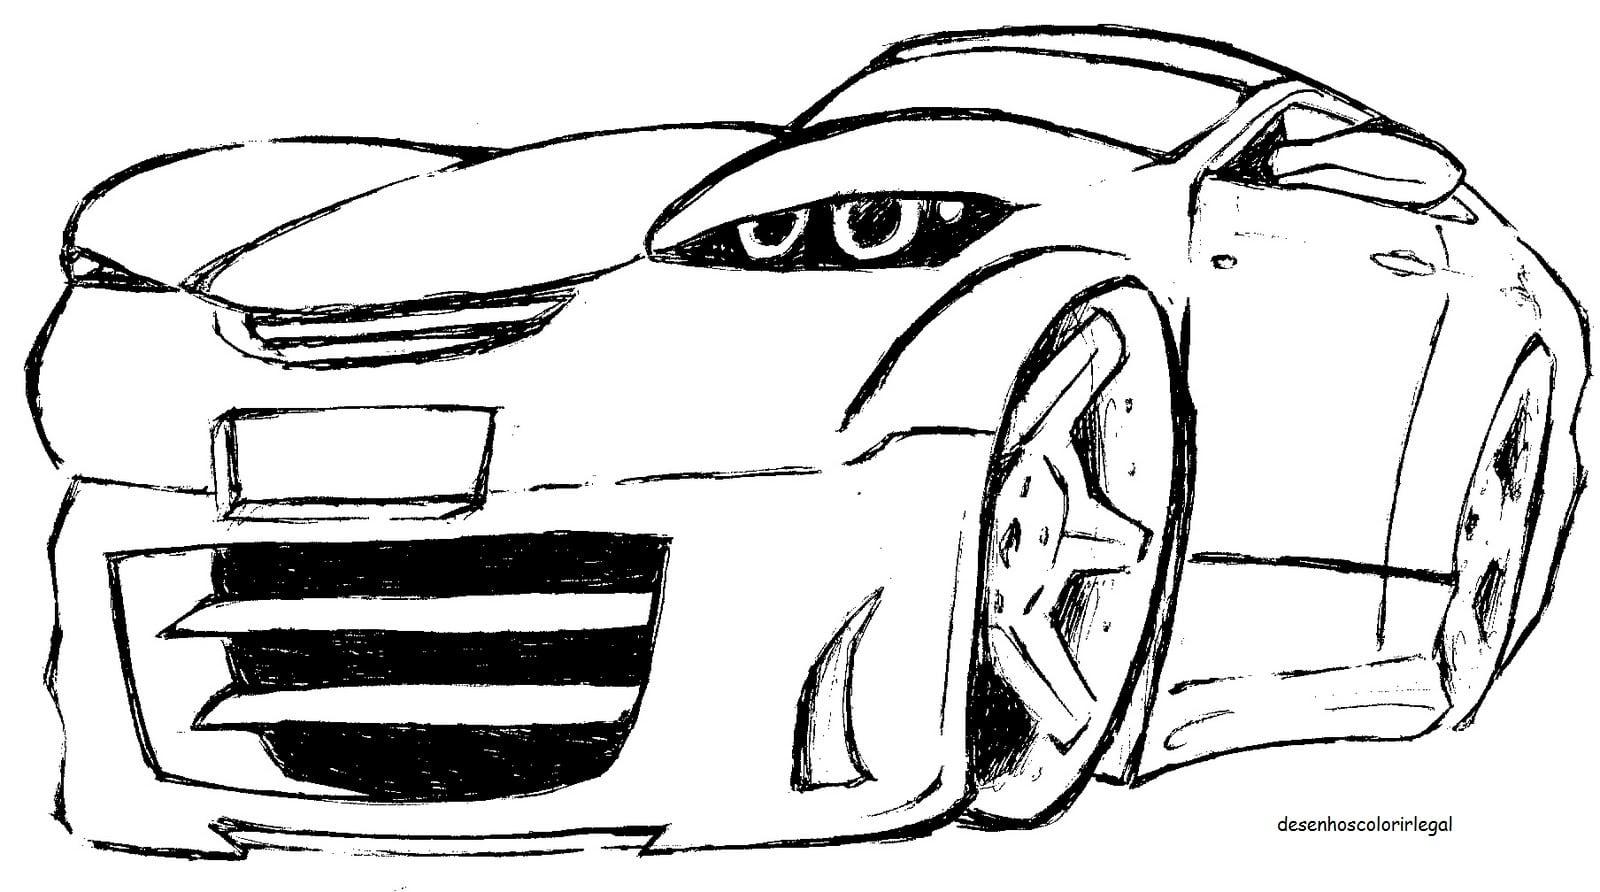 Desenhos De Carros Para Colorir E Imprimir Gratis – Pampekids Net